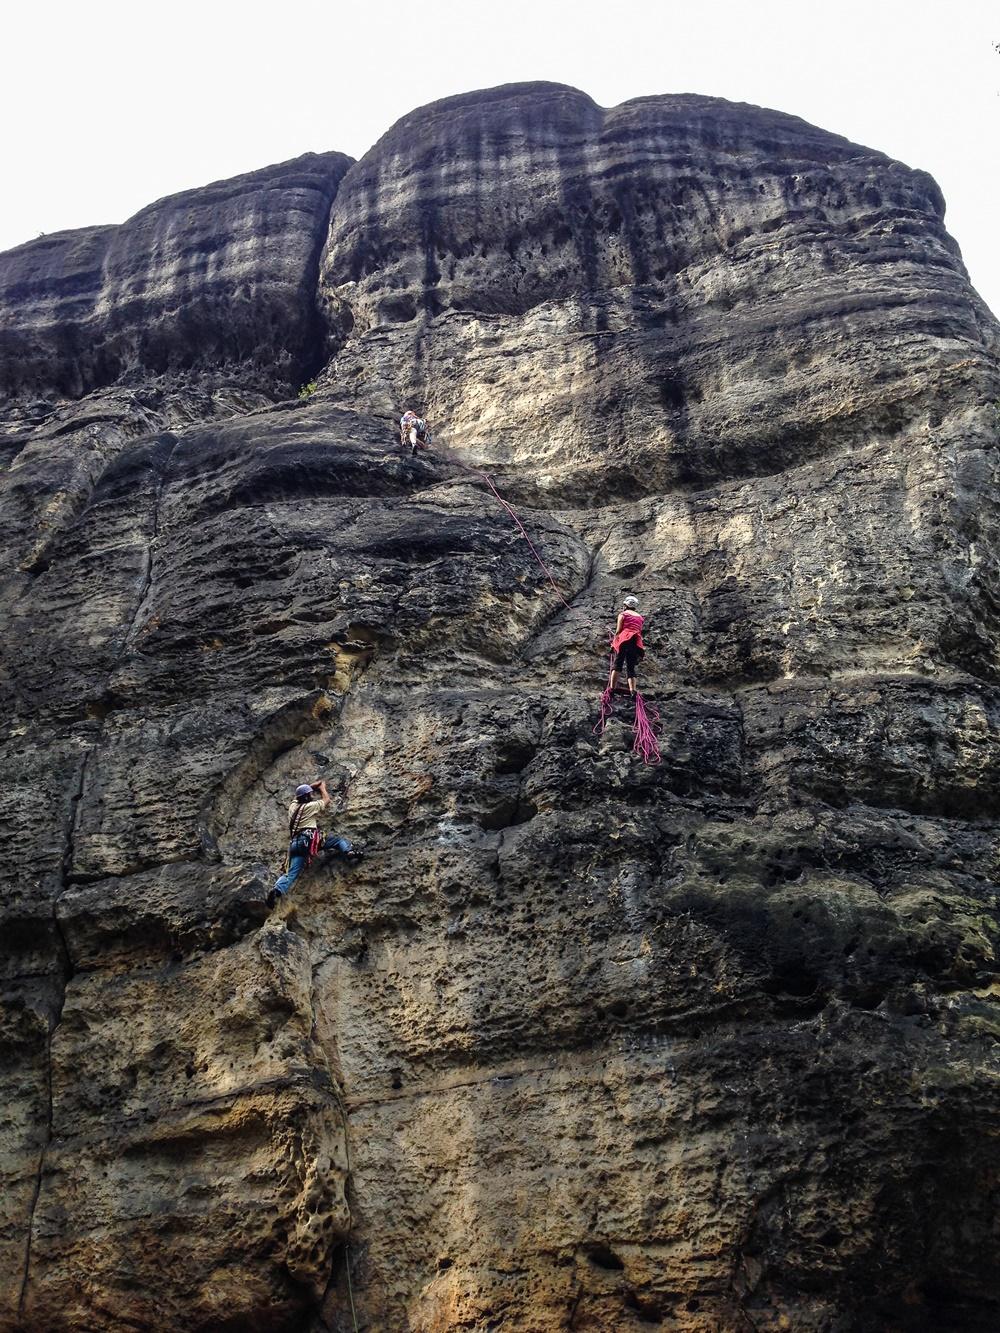 Excelsiorweg úpí pod českým náporem ... zatím co velezkuší valí hore vstříc jeskyňářskému zážitku, tak Capo di tutti capi všech českých registrovaných lezců zkouší soudržnost místního písku v traverzu.